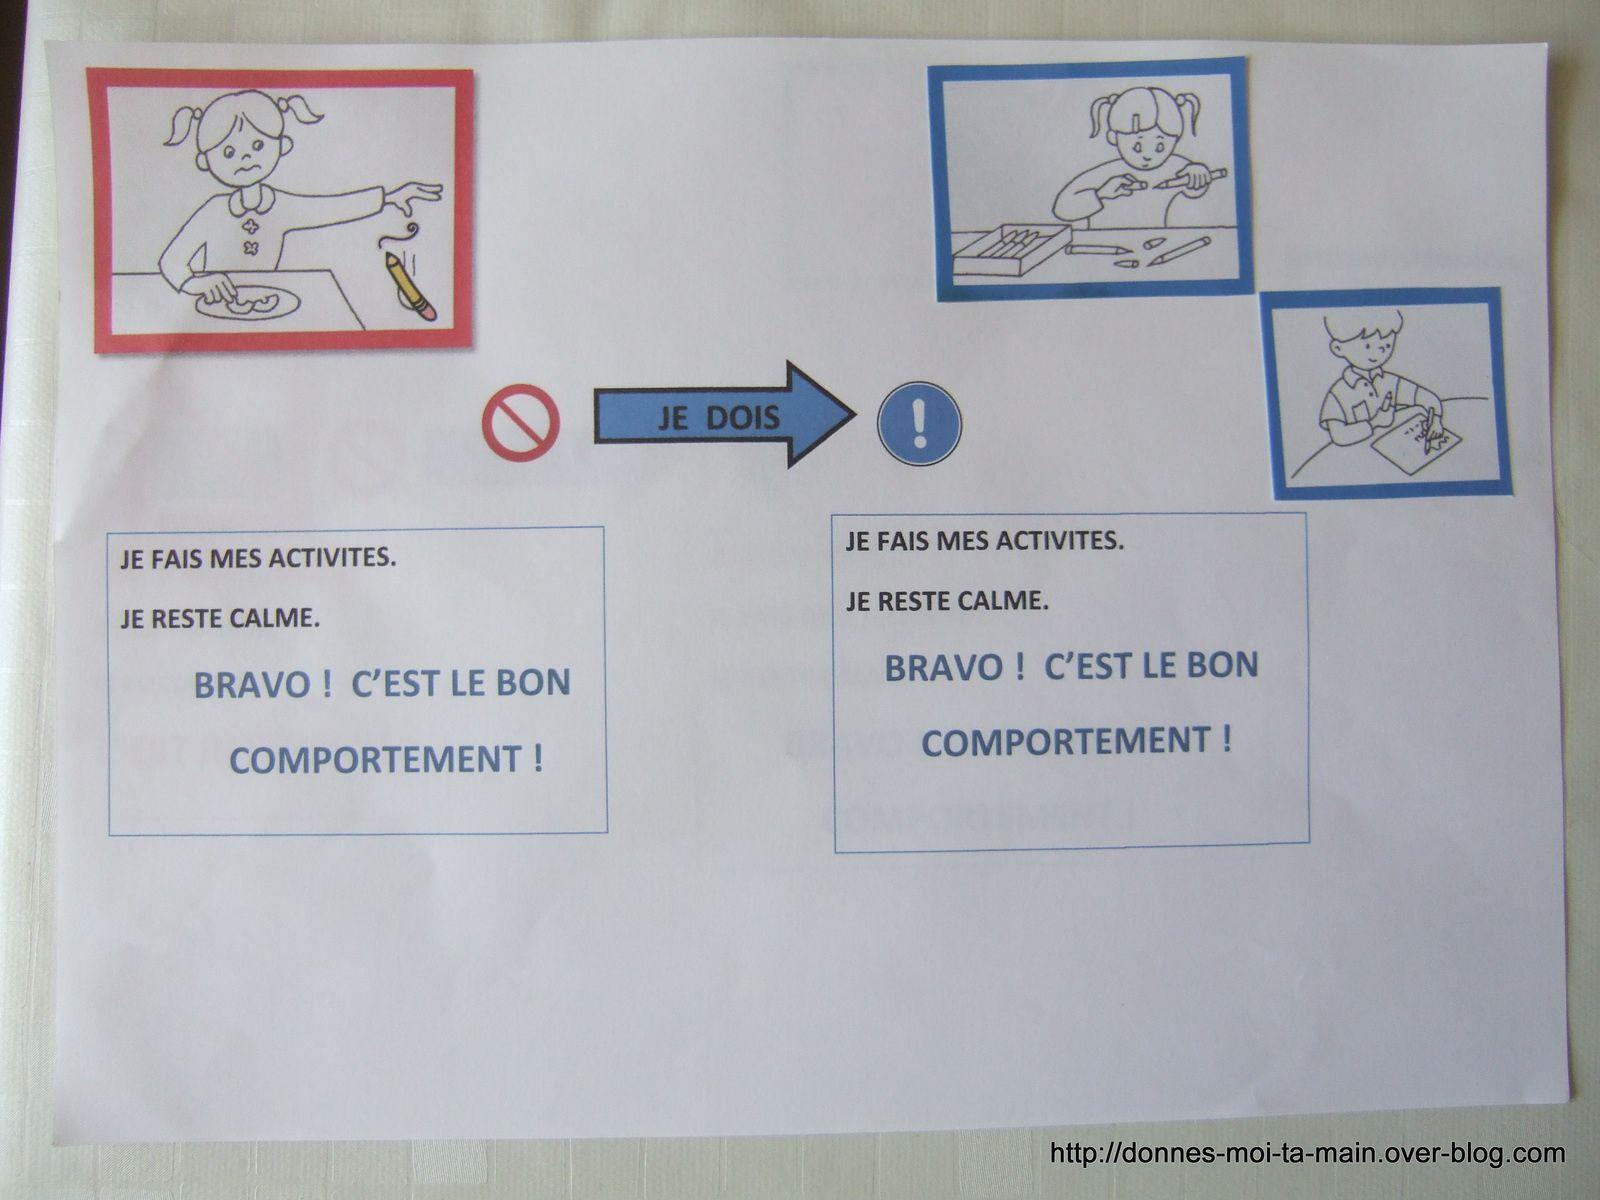 Les bons et les mauvais comportements : rappeler les règles, en instaurer de nouvelles, corriger un mauvais comportement à l'école.